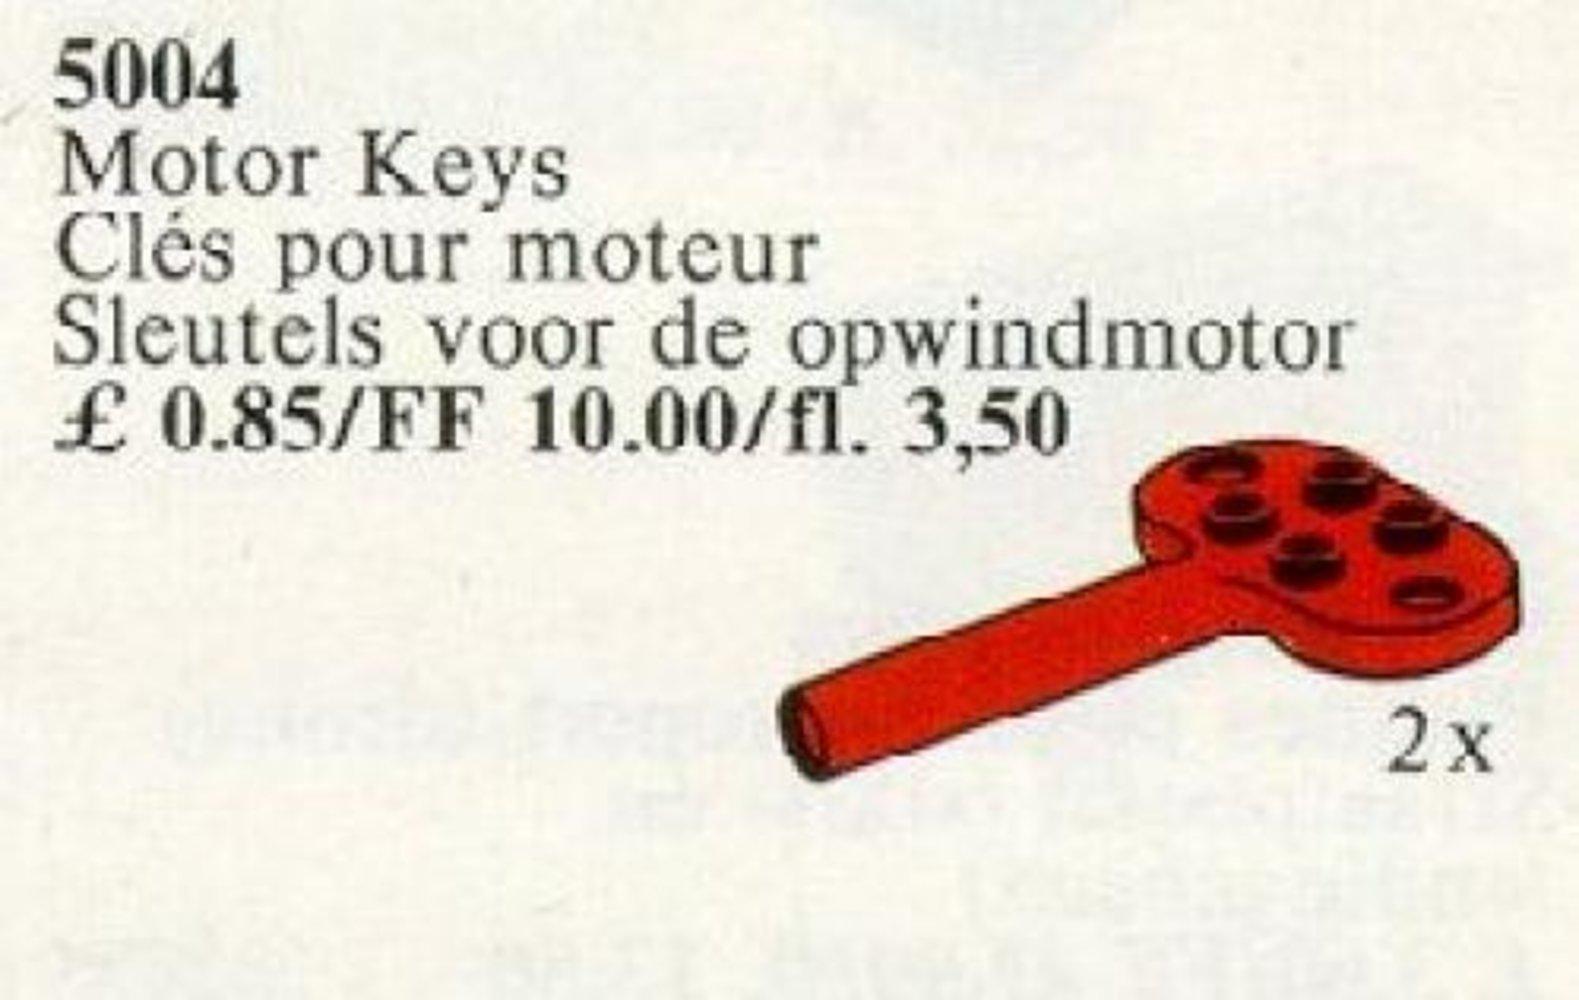 Keys for Windup Motor